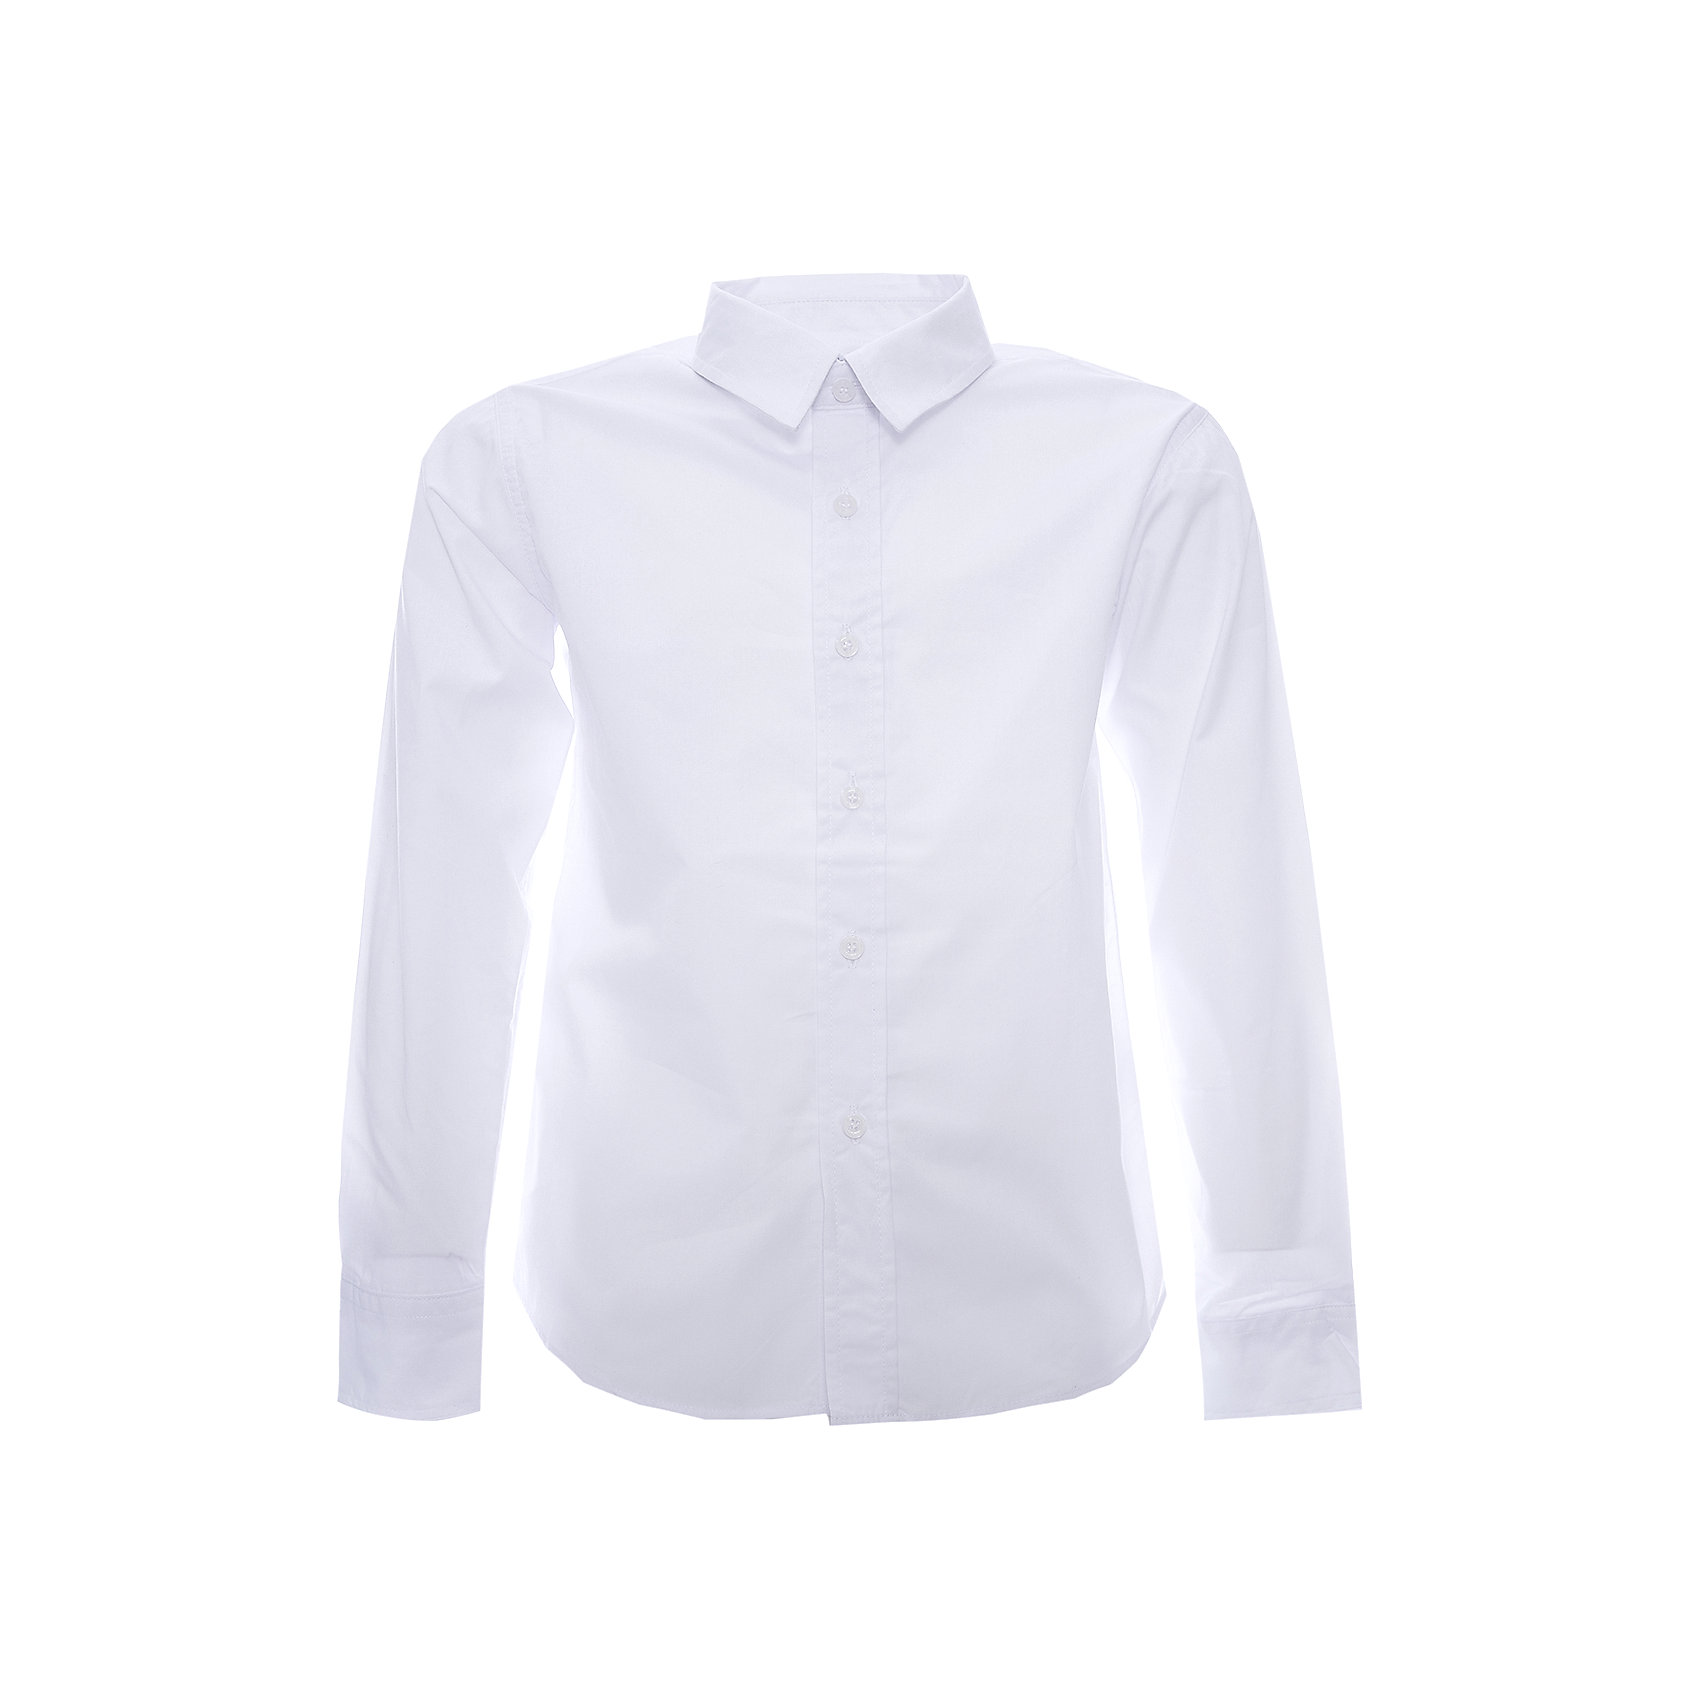 Рубашка для мальчика ScoolРубашка для мальчика от известной марки Scool.<br>* стильная сорочка с длинным рукавом<br>* отложной воротник классической формы<br>* застежка - пуговицы<br>* манжеты на одной пуговице<br>Состав:<br>60% хлопок, 40% полиэстер<br><br>Ширина мм: 174<br>Глубина мм: 10<br>Высота мм: 169<br>Вес г: 157<br>Цвет: белый<br>Возраст от месяцев: 96<br>Возраст до месяцев: 108<br>Пол: Мужской<br>Возраст: Детский<br>Размер: 134,128,152,158,164,140,146<br>SKU: 4140533